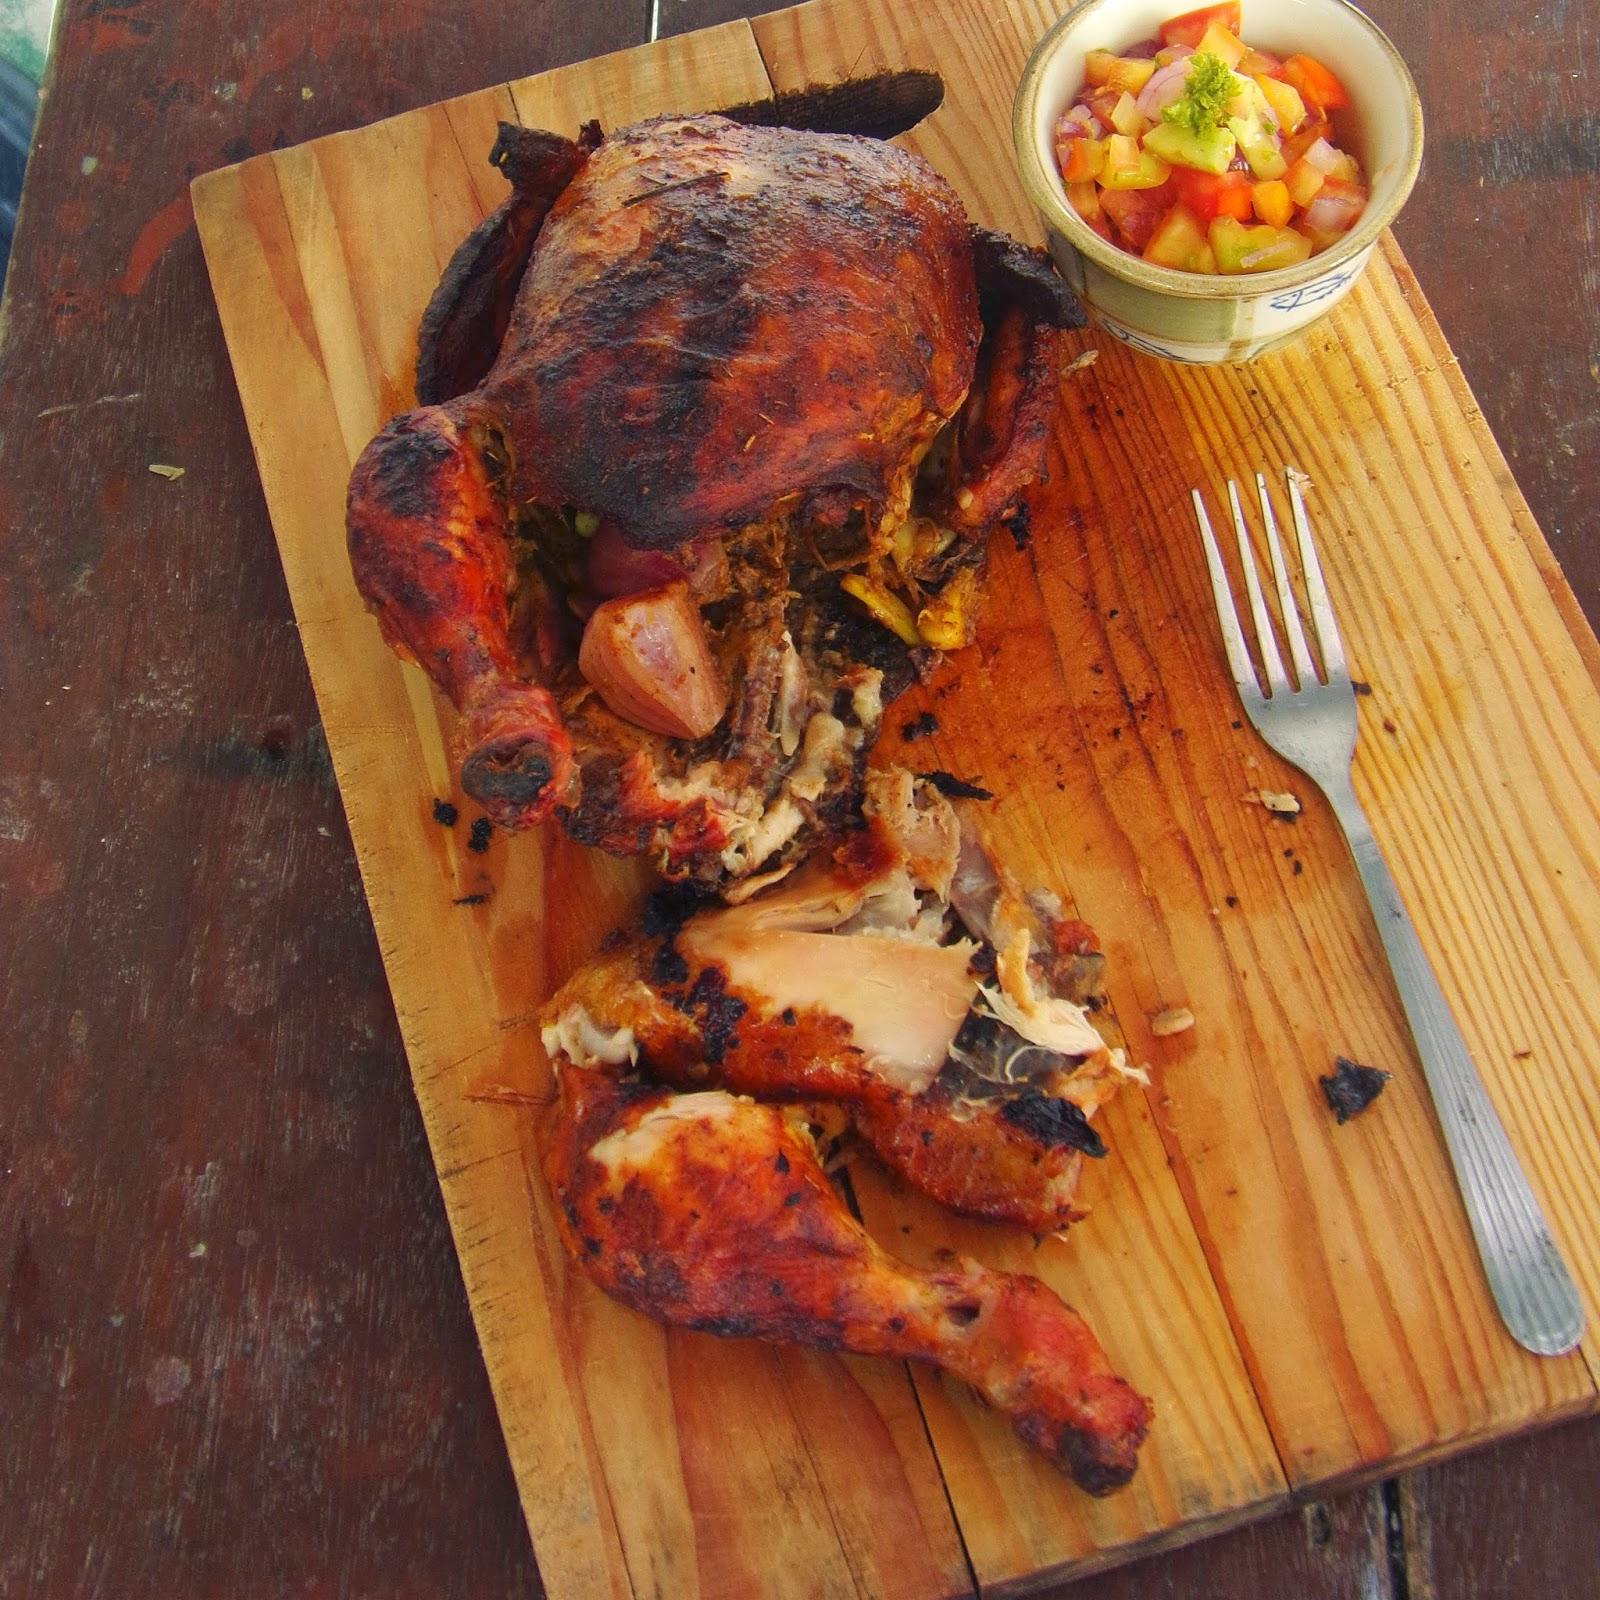 whole roasted chicken, best roasted chicken, roasted chicken recipes, roasting a chicken, roasted stuffed chicken,